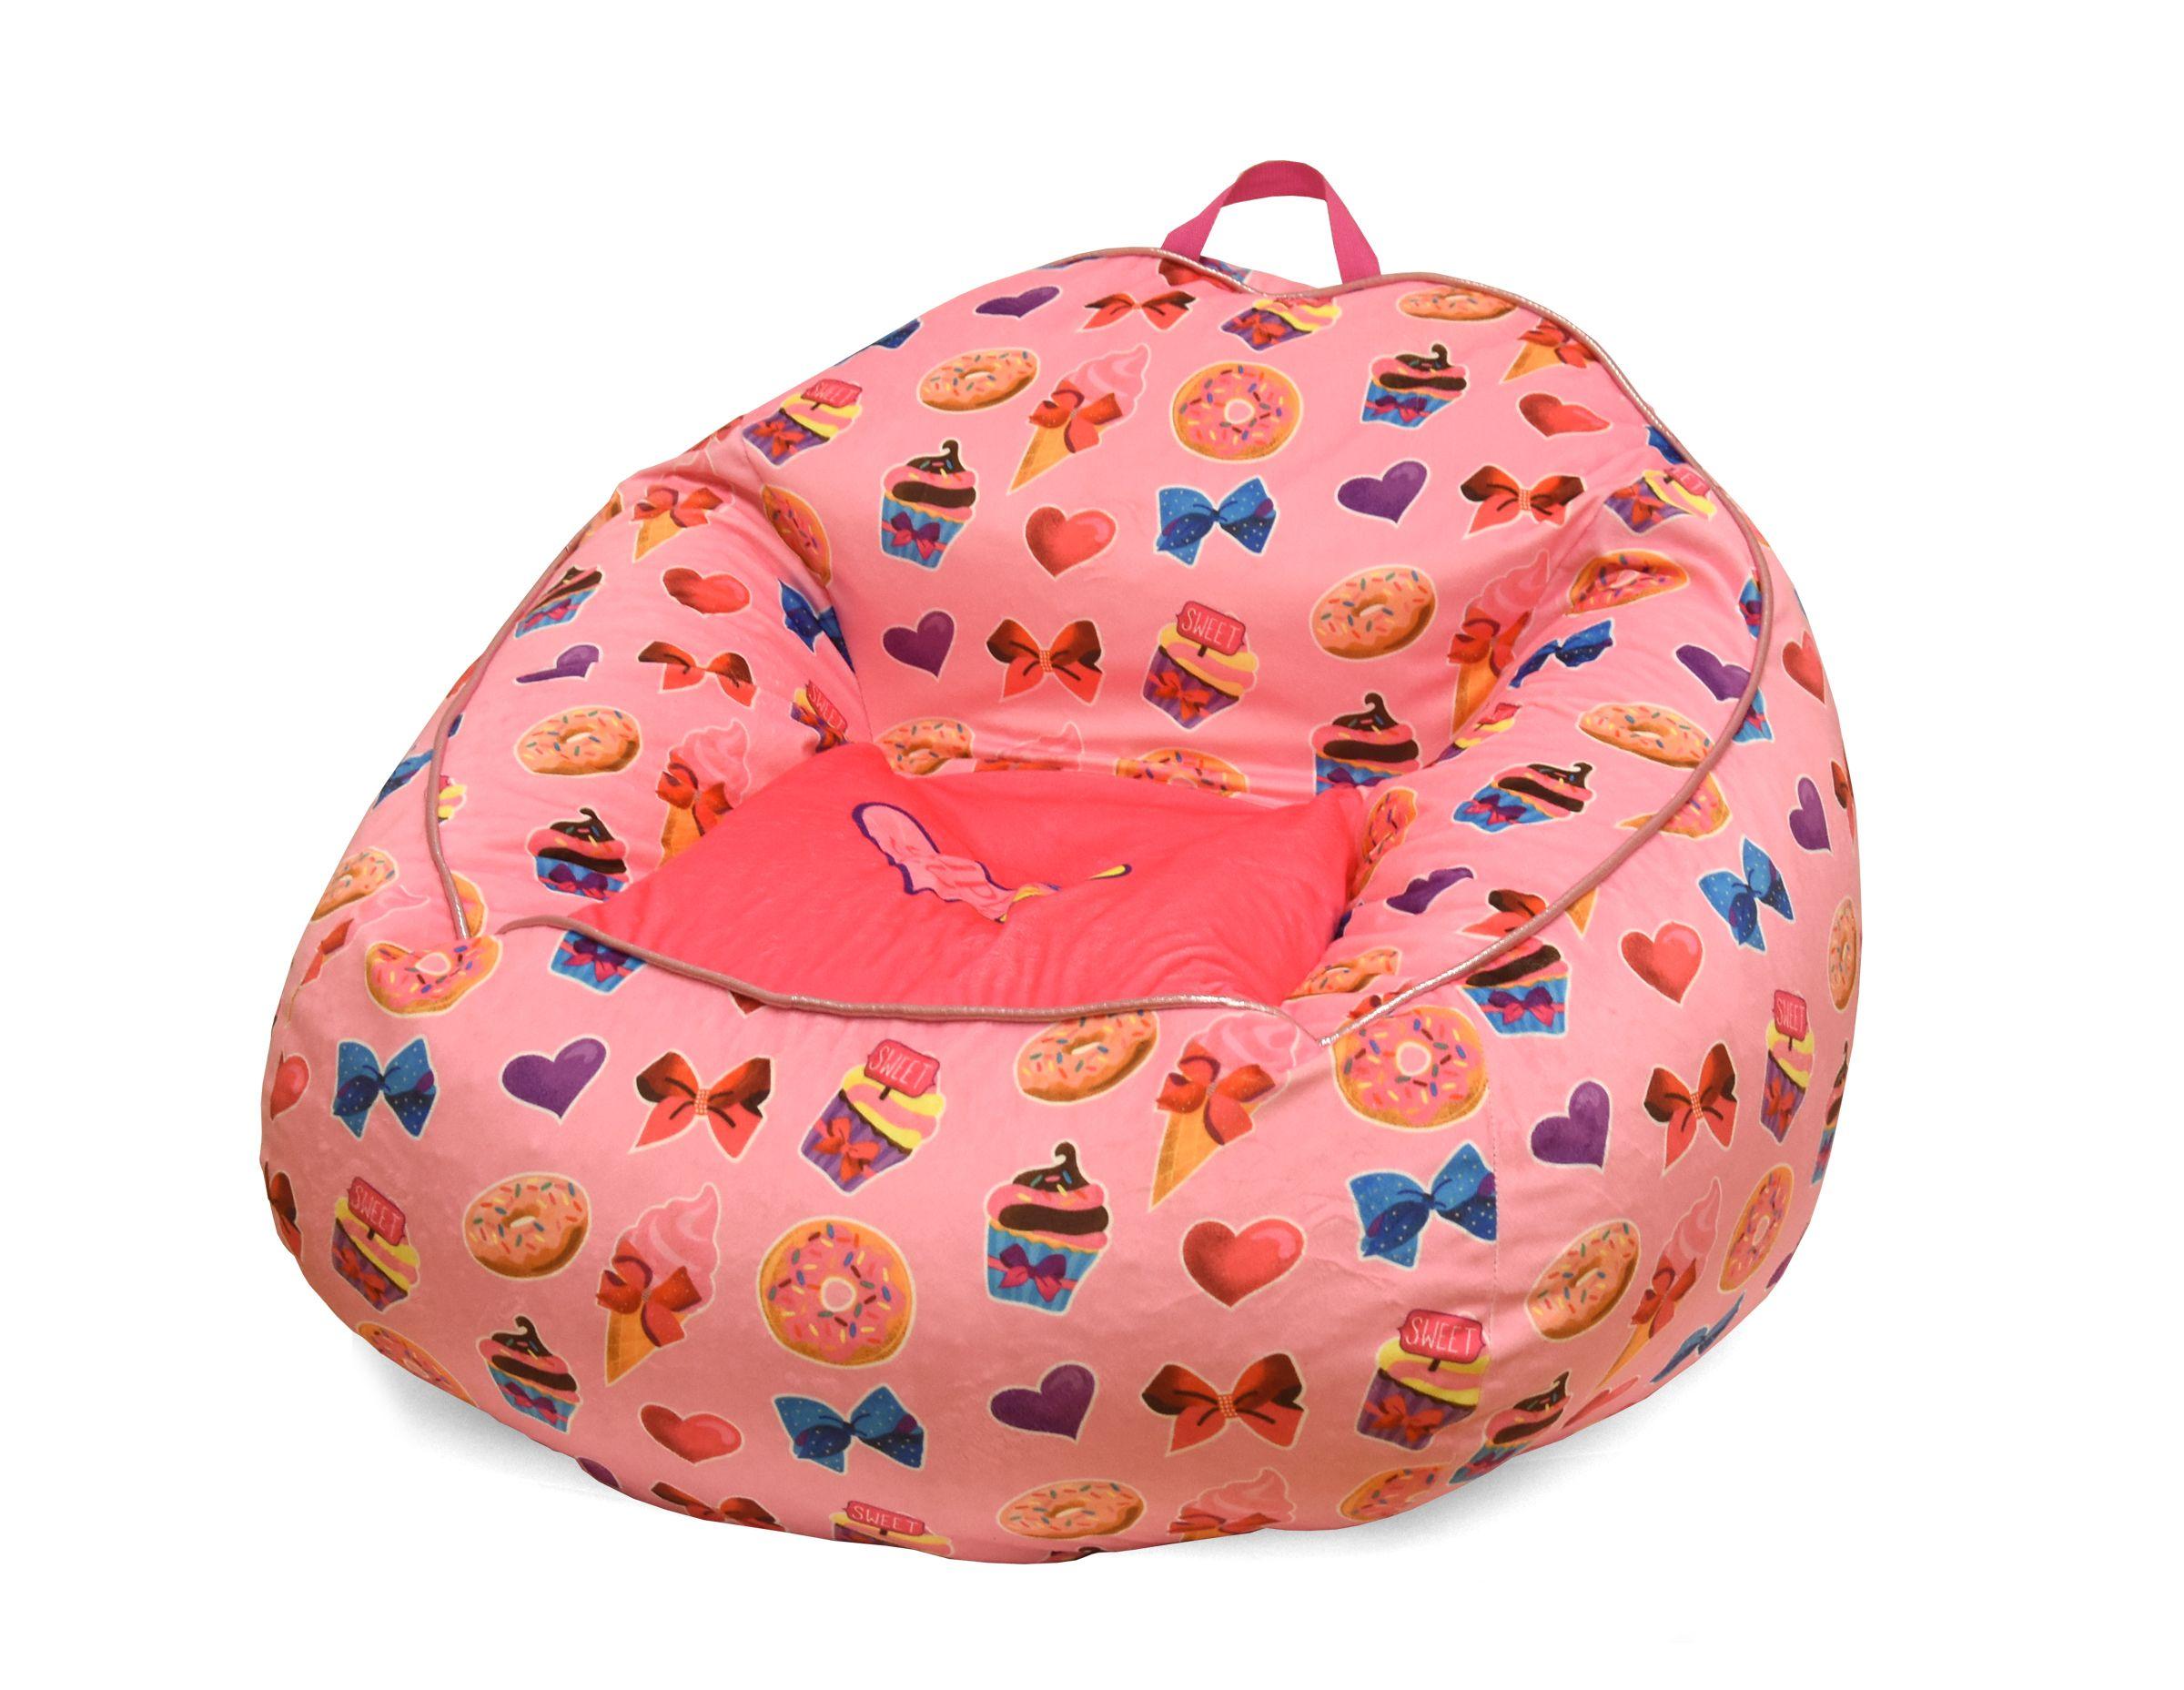 Home Kids bean bags, Bean bag chair, Bean bag chairs walmart